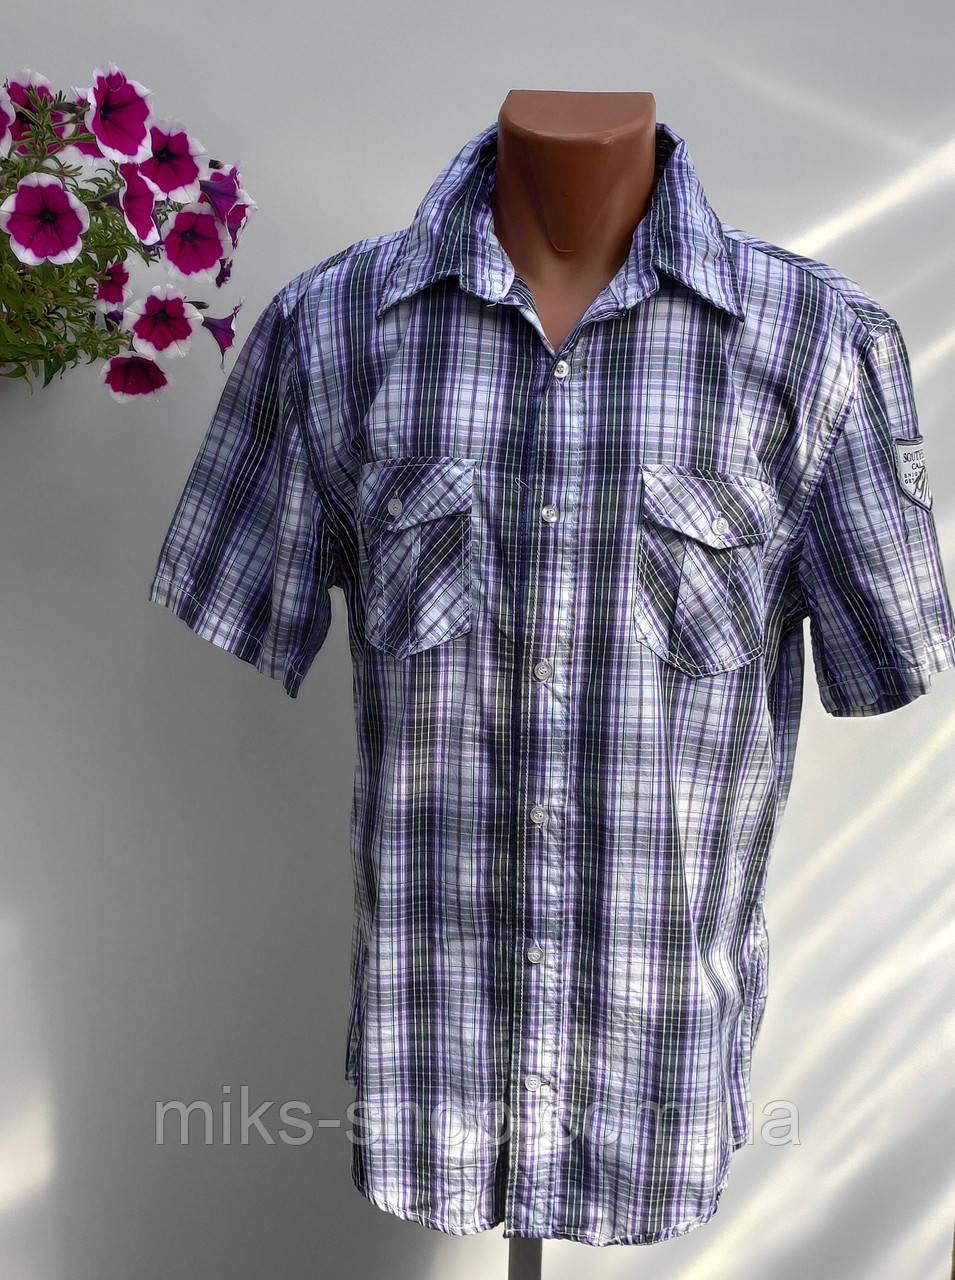 Чоловіча сорочка Розмір L ( Я-102)